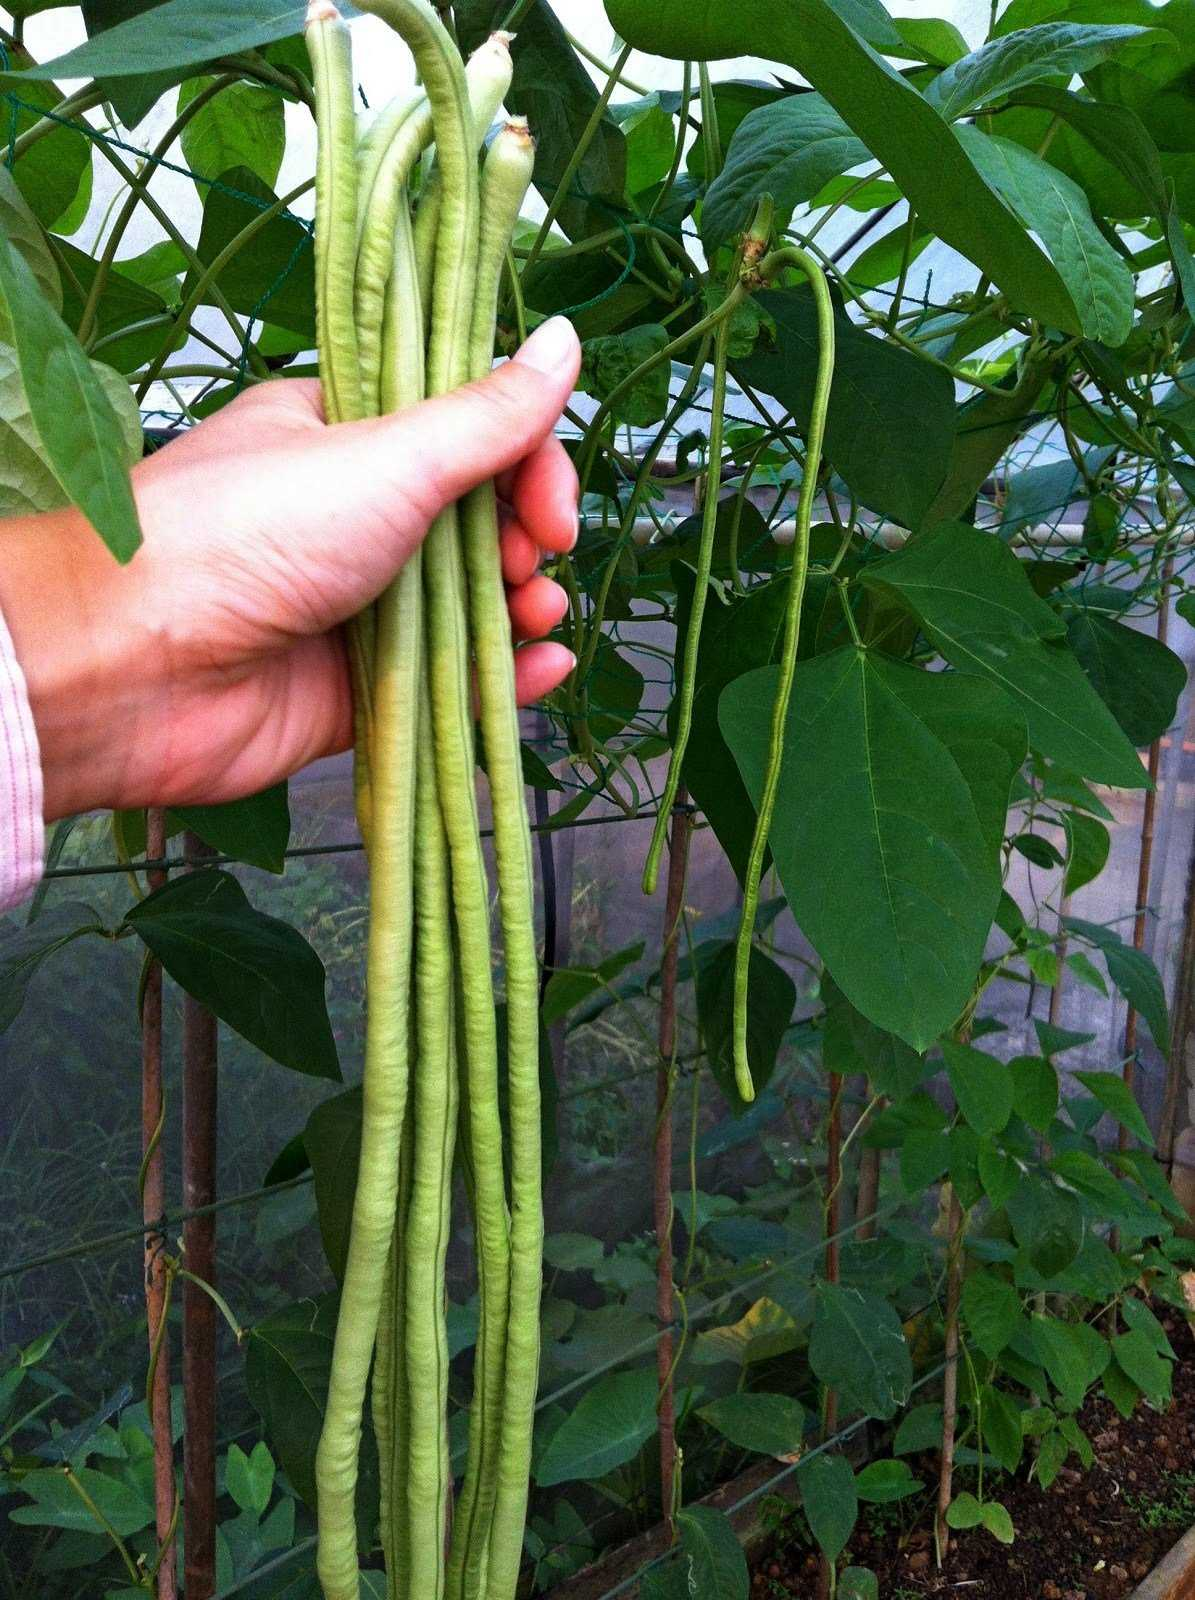 Бобы у вигны (Vigna) длинные, относительно тонкие.